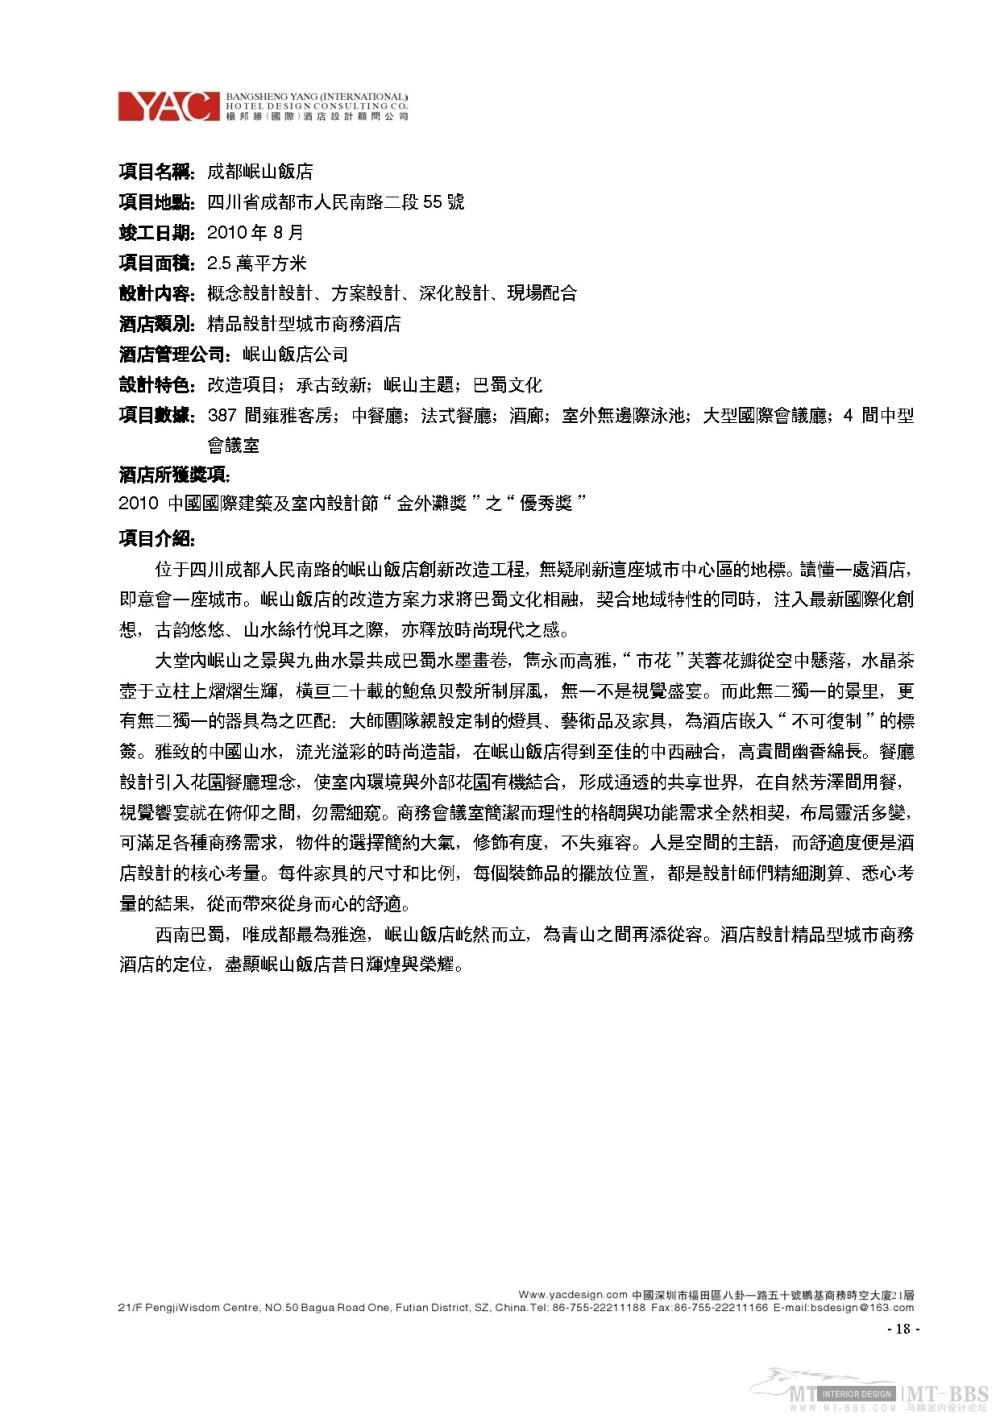 杨邦胜_2011.03.30YAC(国际)杨邦胜酒店设计顾问公司简介_页面_18.jpg